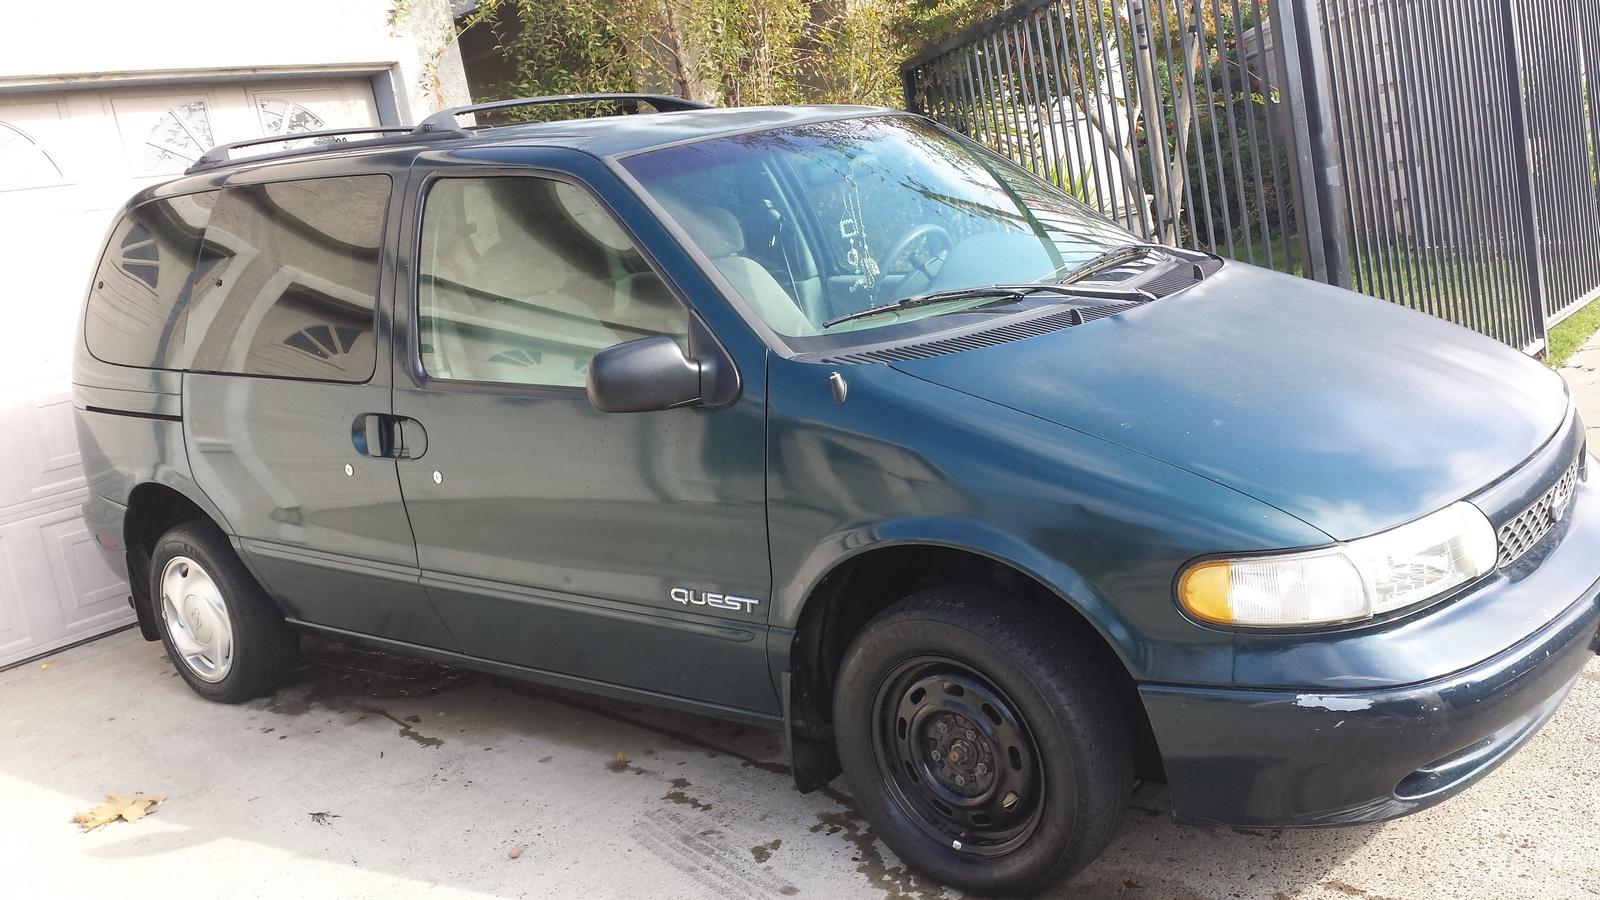 Picture of 1998 Nissan Quest 3 Dr XE Passenger Van